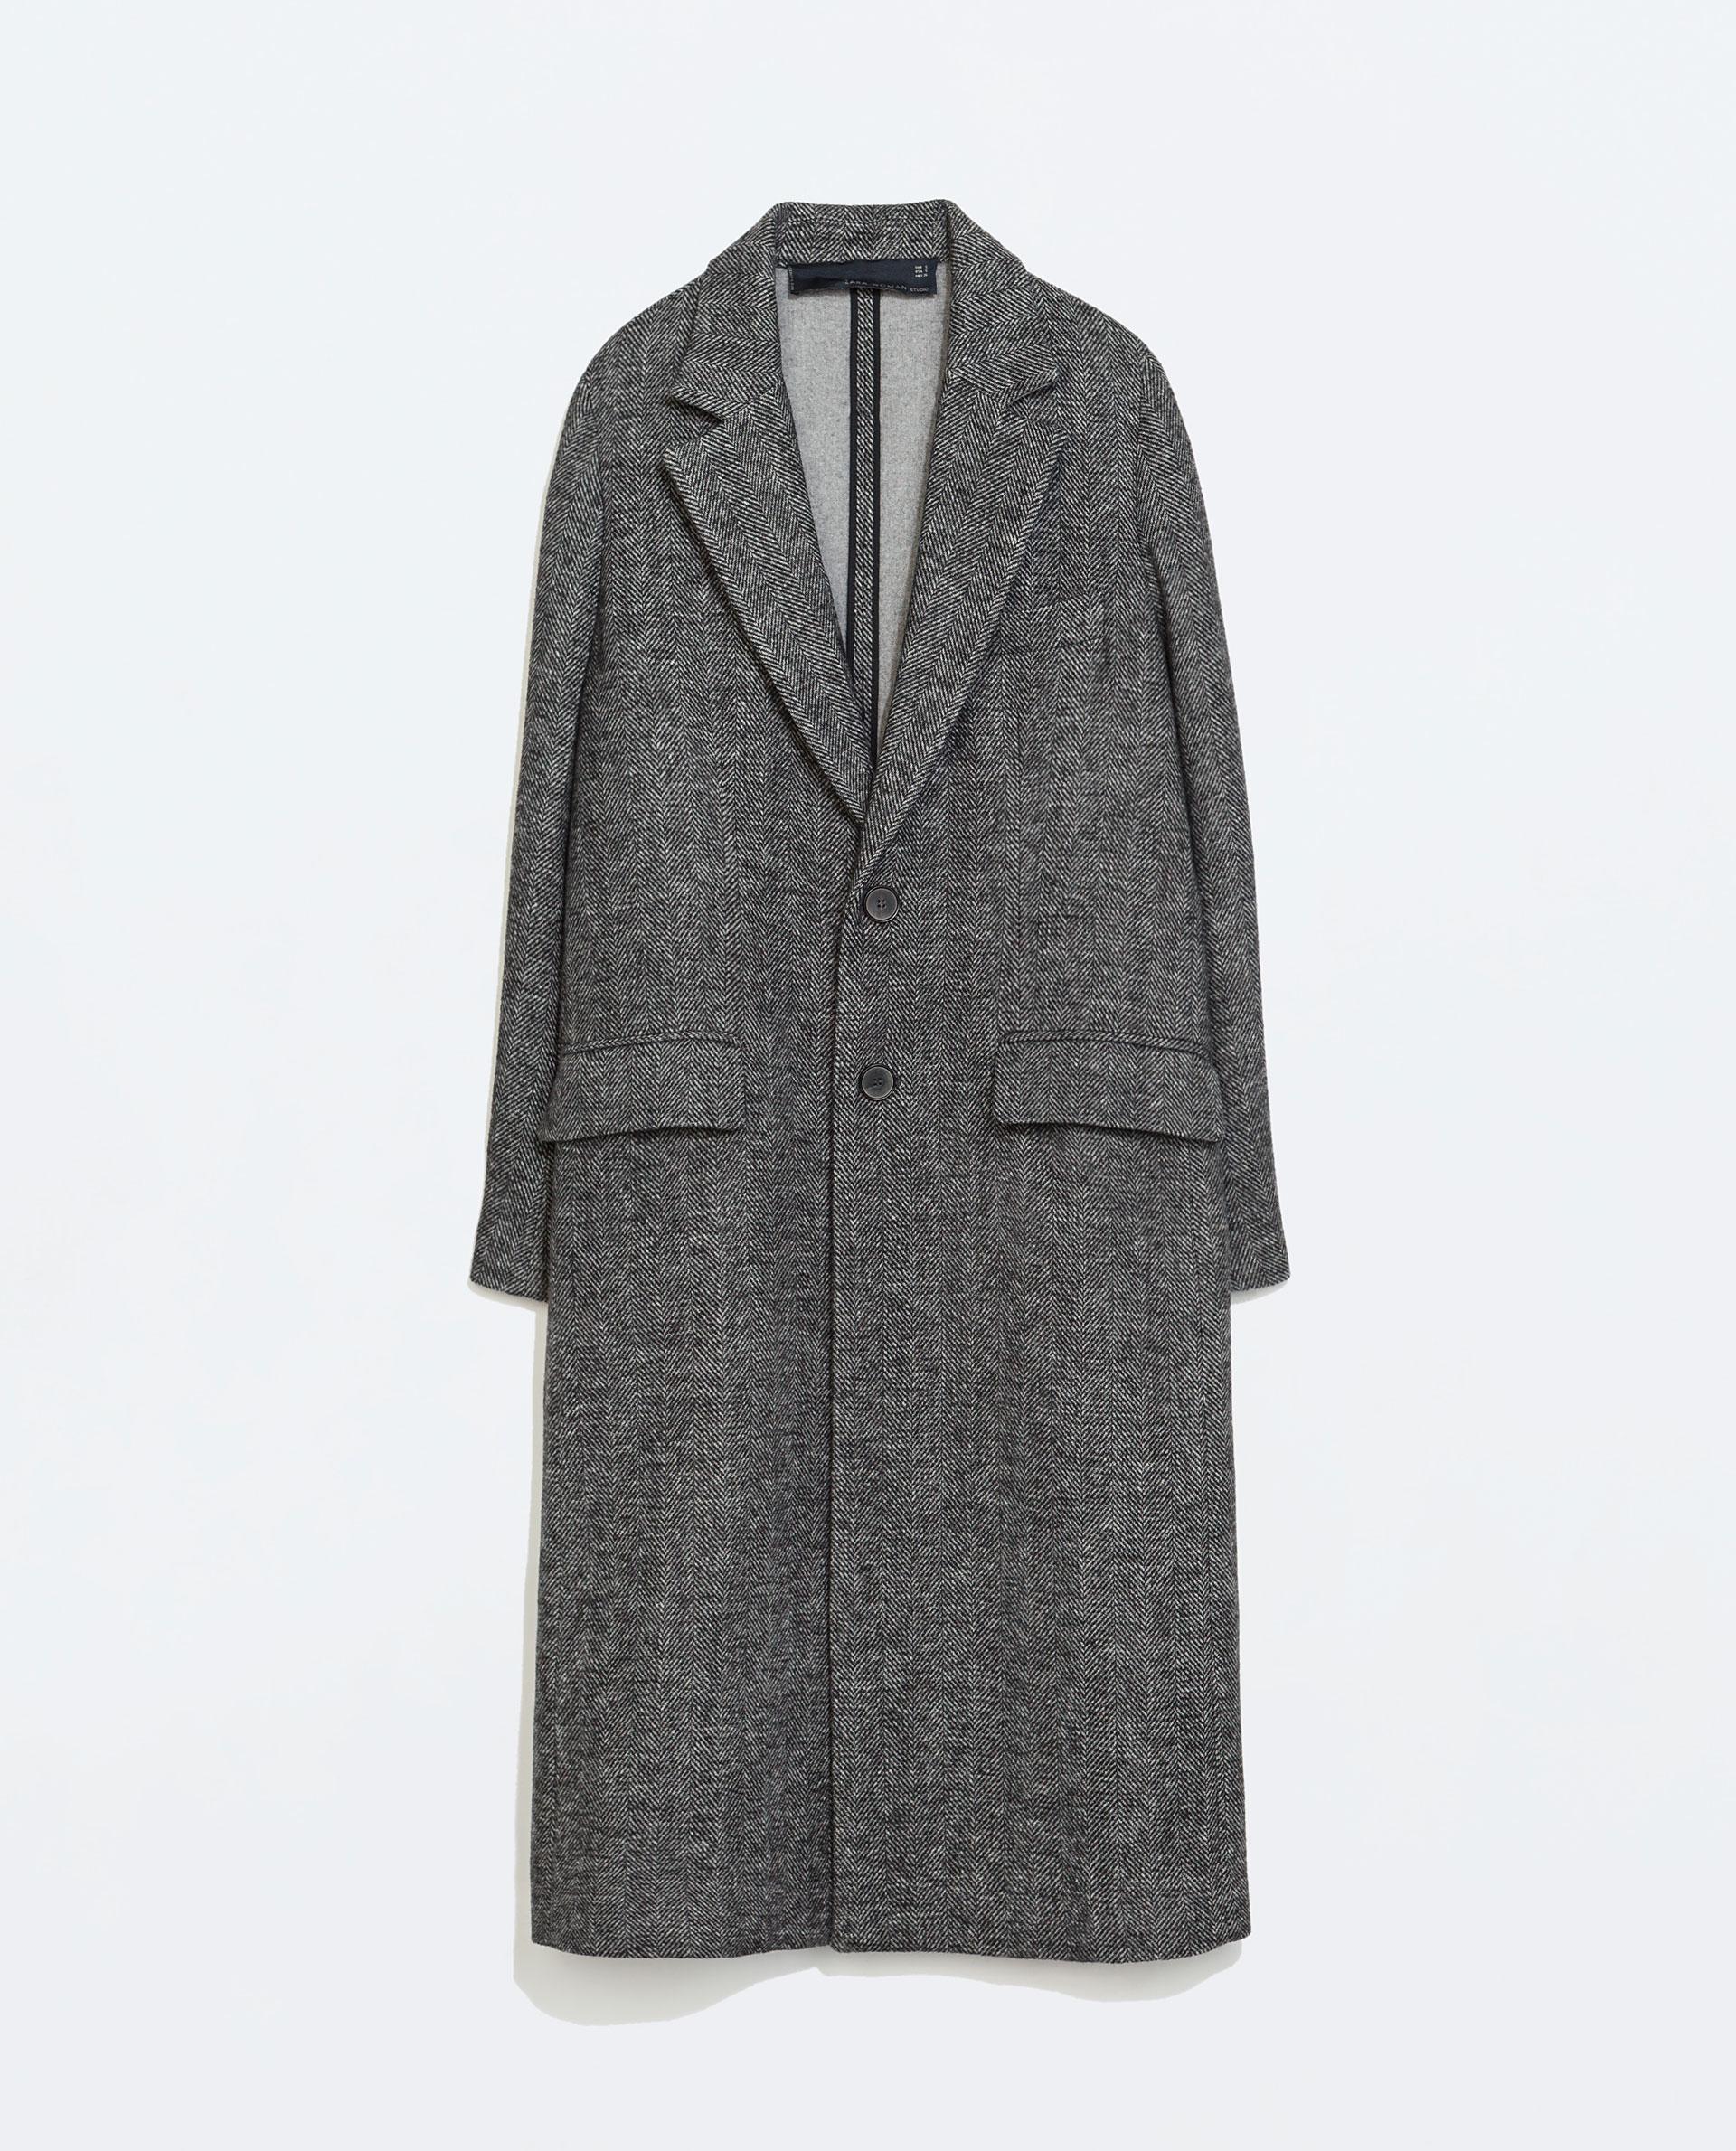 dc2aff57 STUDIO HERRINGBONE COAT - Coats - Outerwear - WOMAN - SALE | ZARA United  States